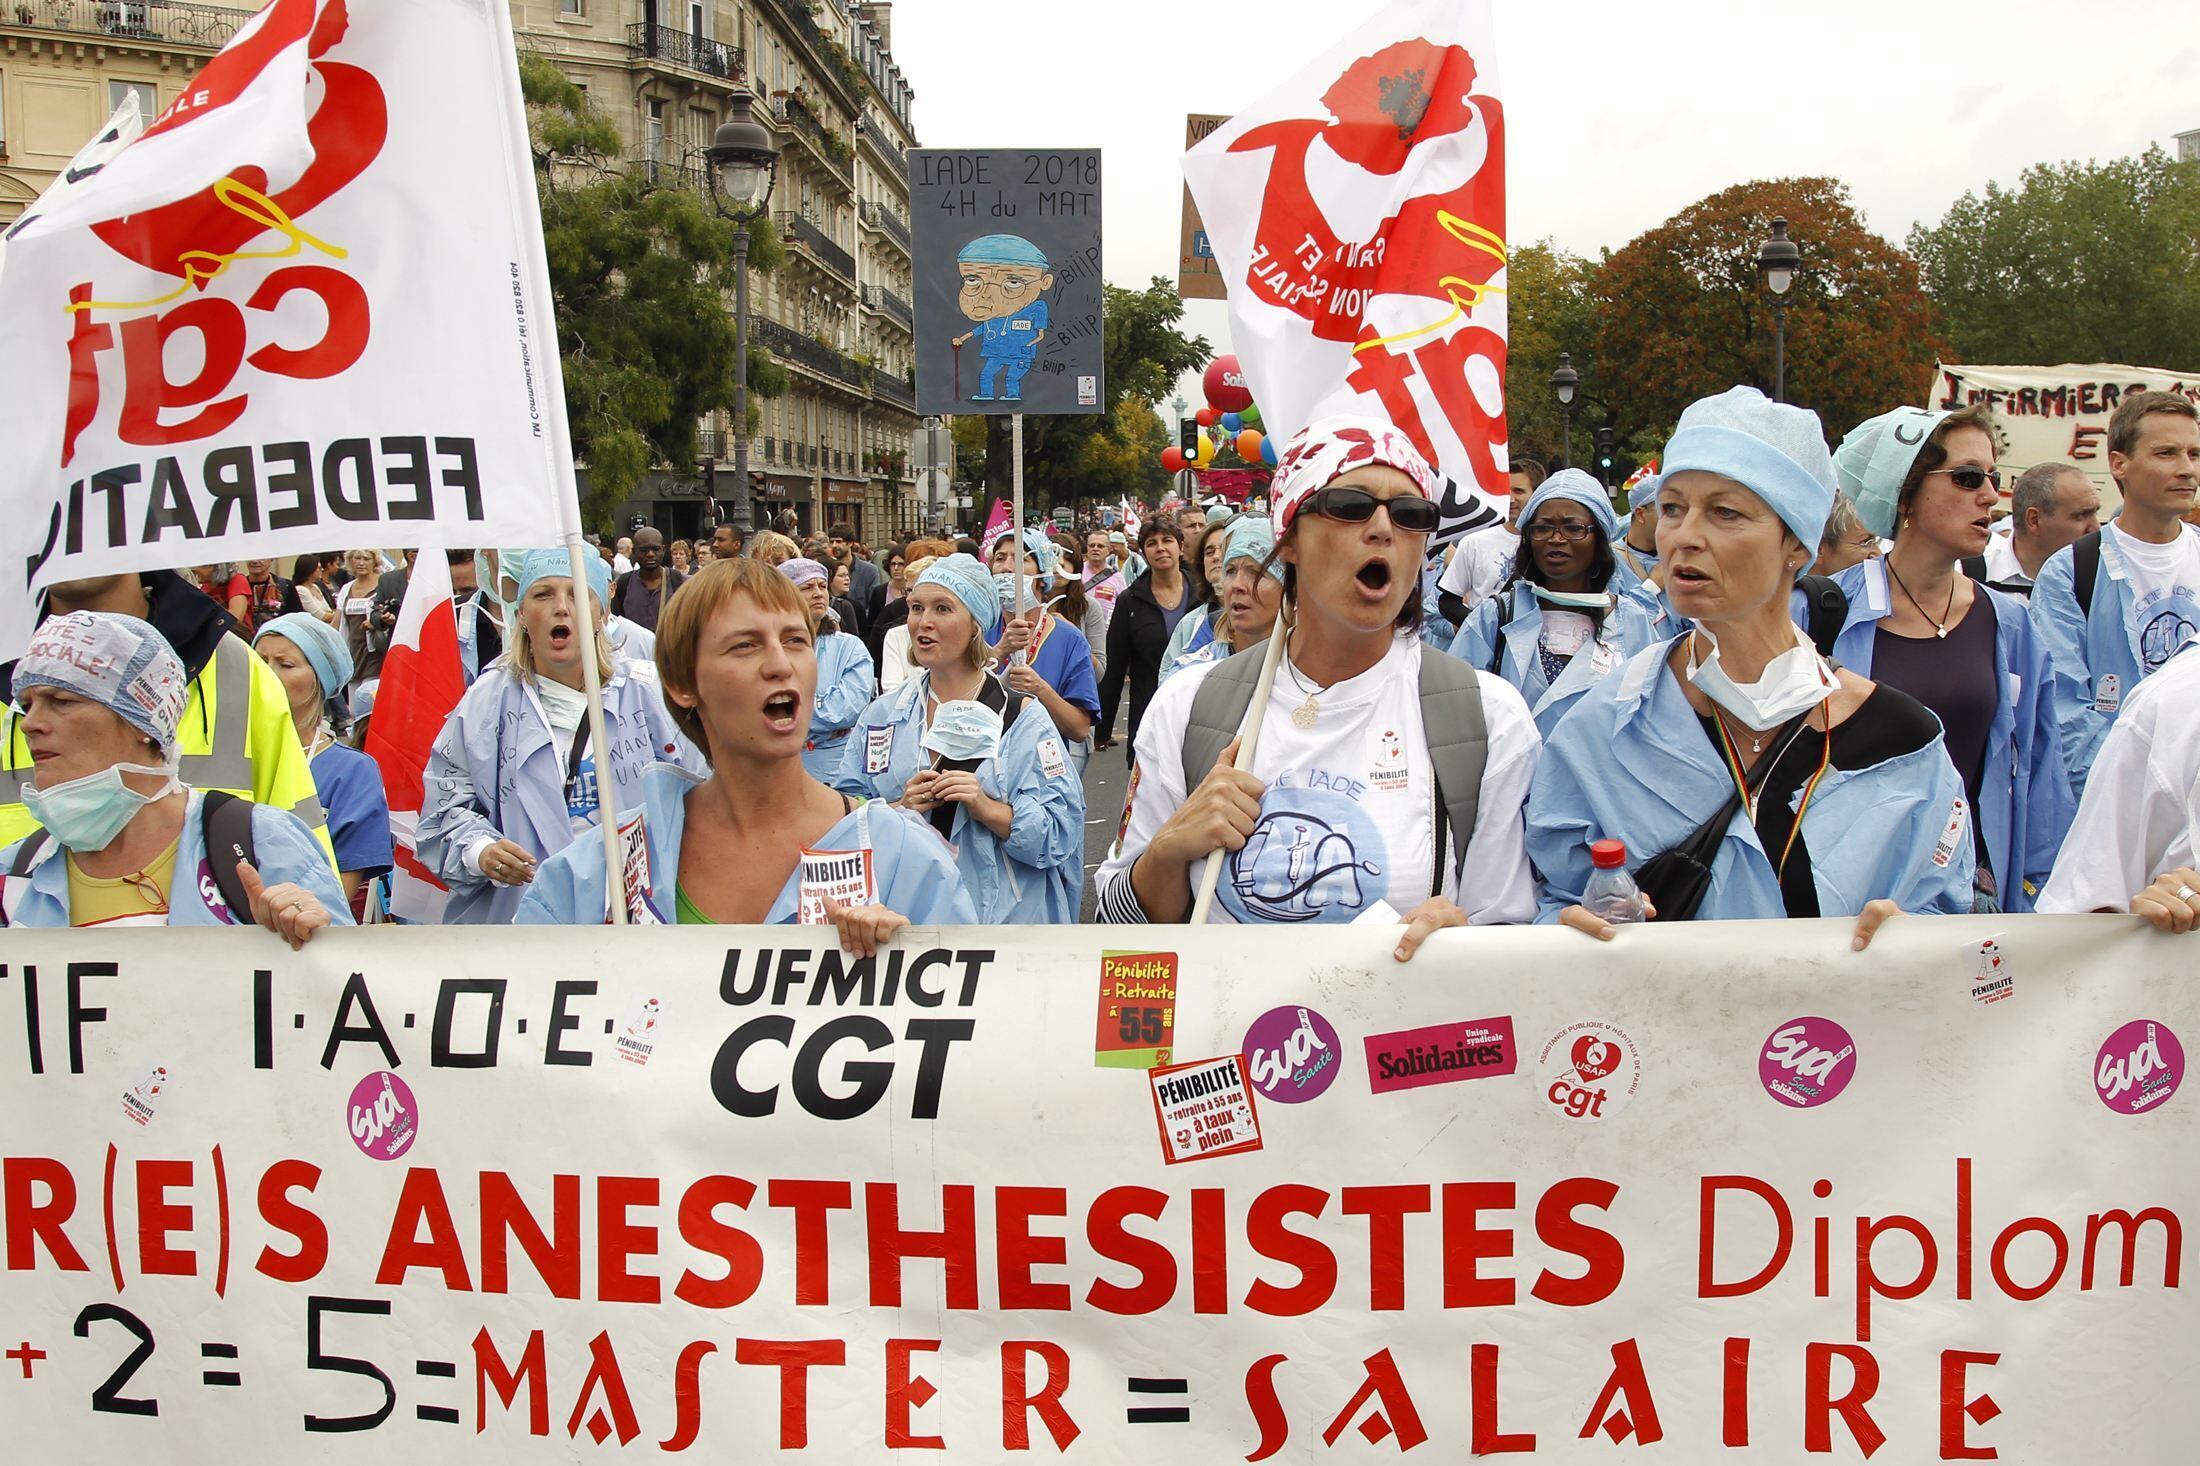 Franceses protestam contra o projeto do governo de reforma da previdência social, no dia 23 de setembro de 2010.